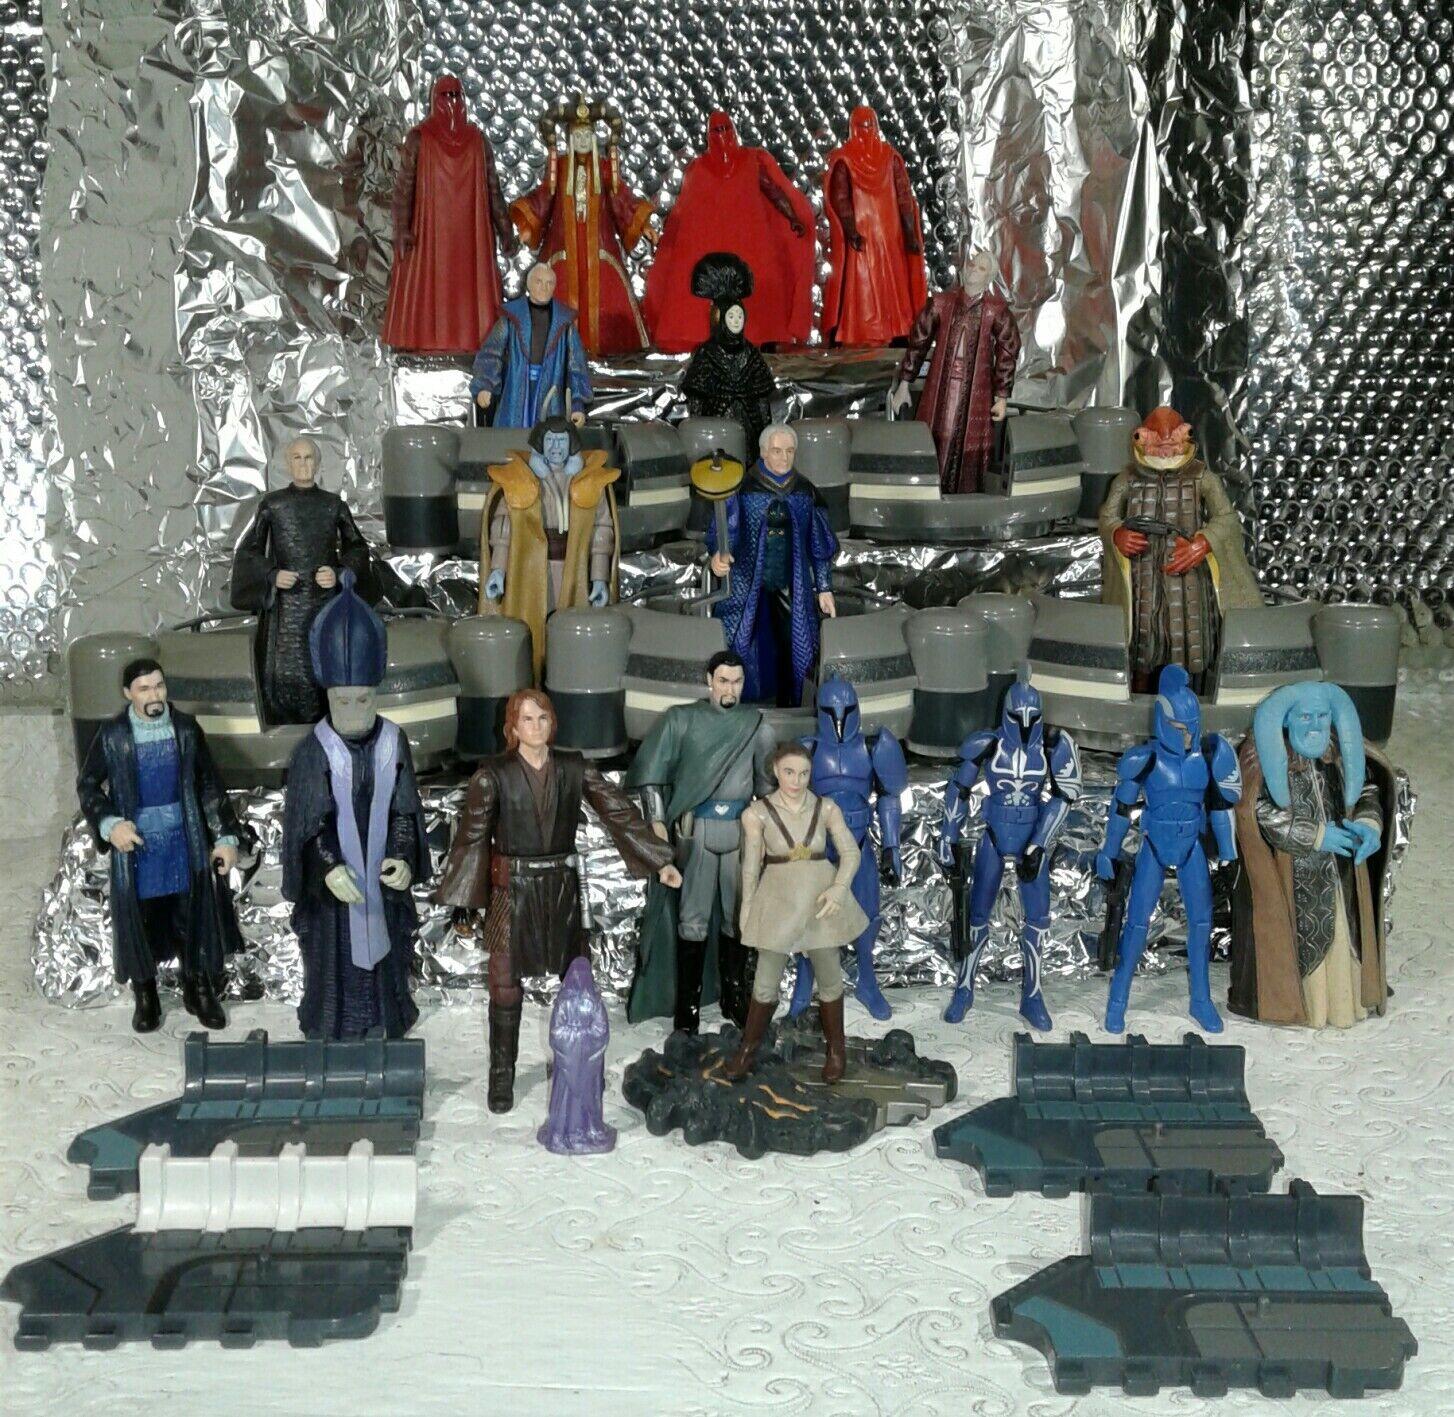 Star wars Senate counsel pods × 5 + 21 21 21 action figures commander Argyus 8a531d